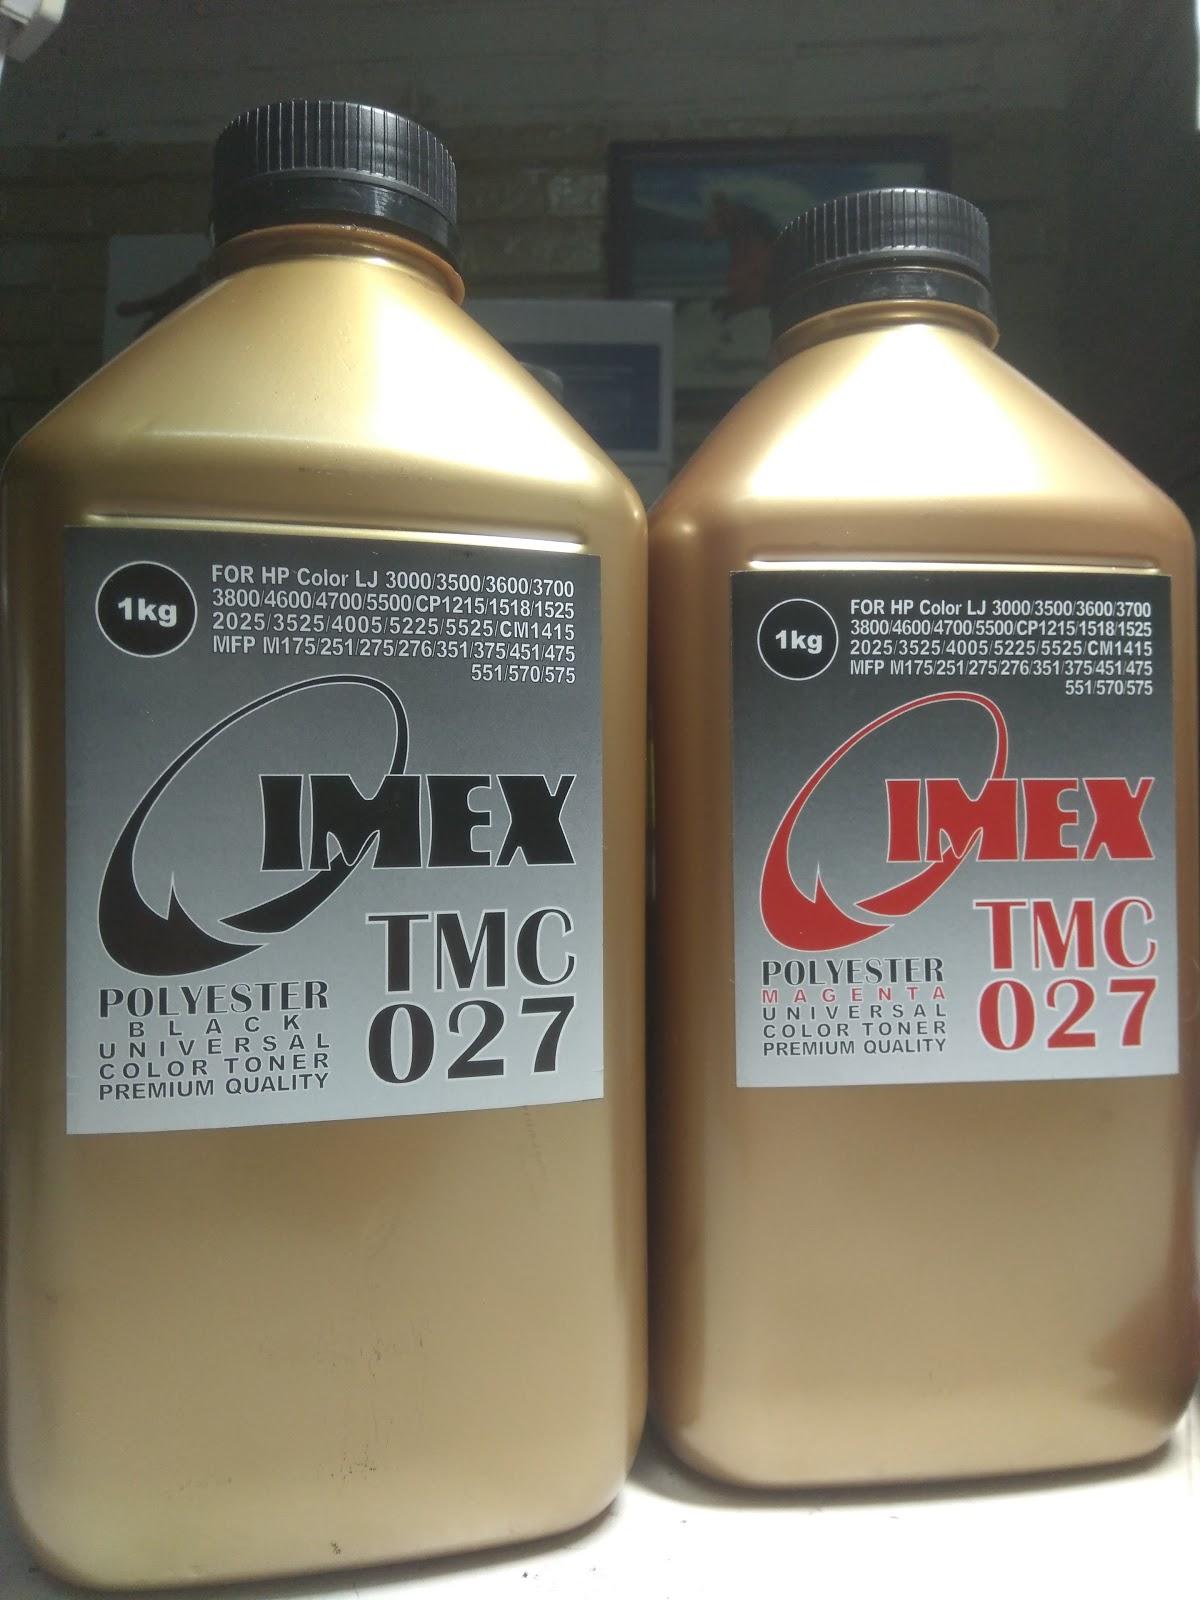 HP IMEX TMC 027